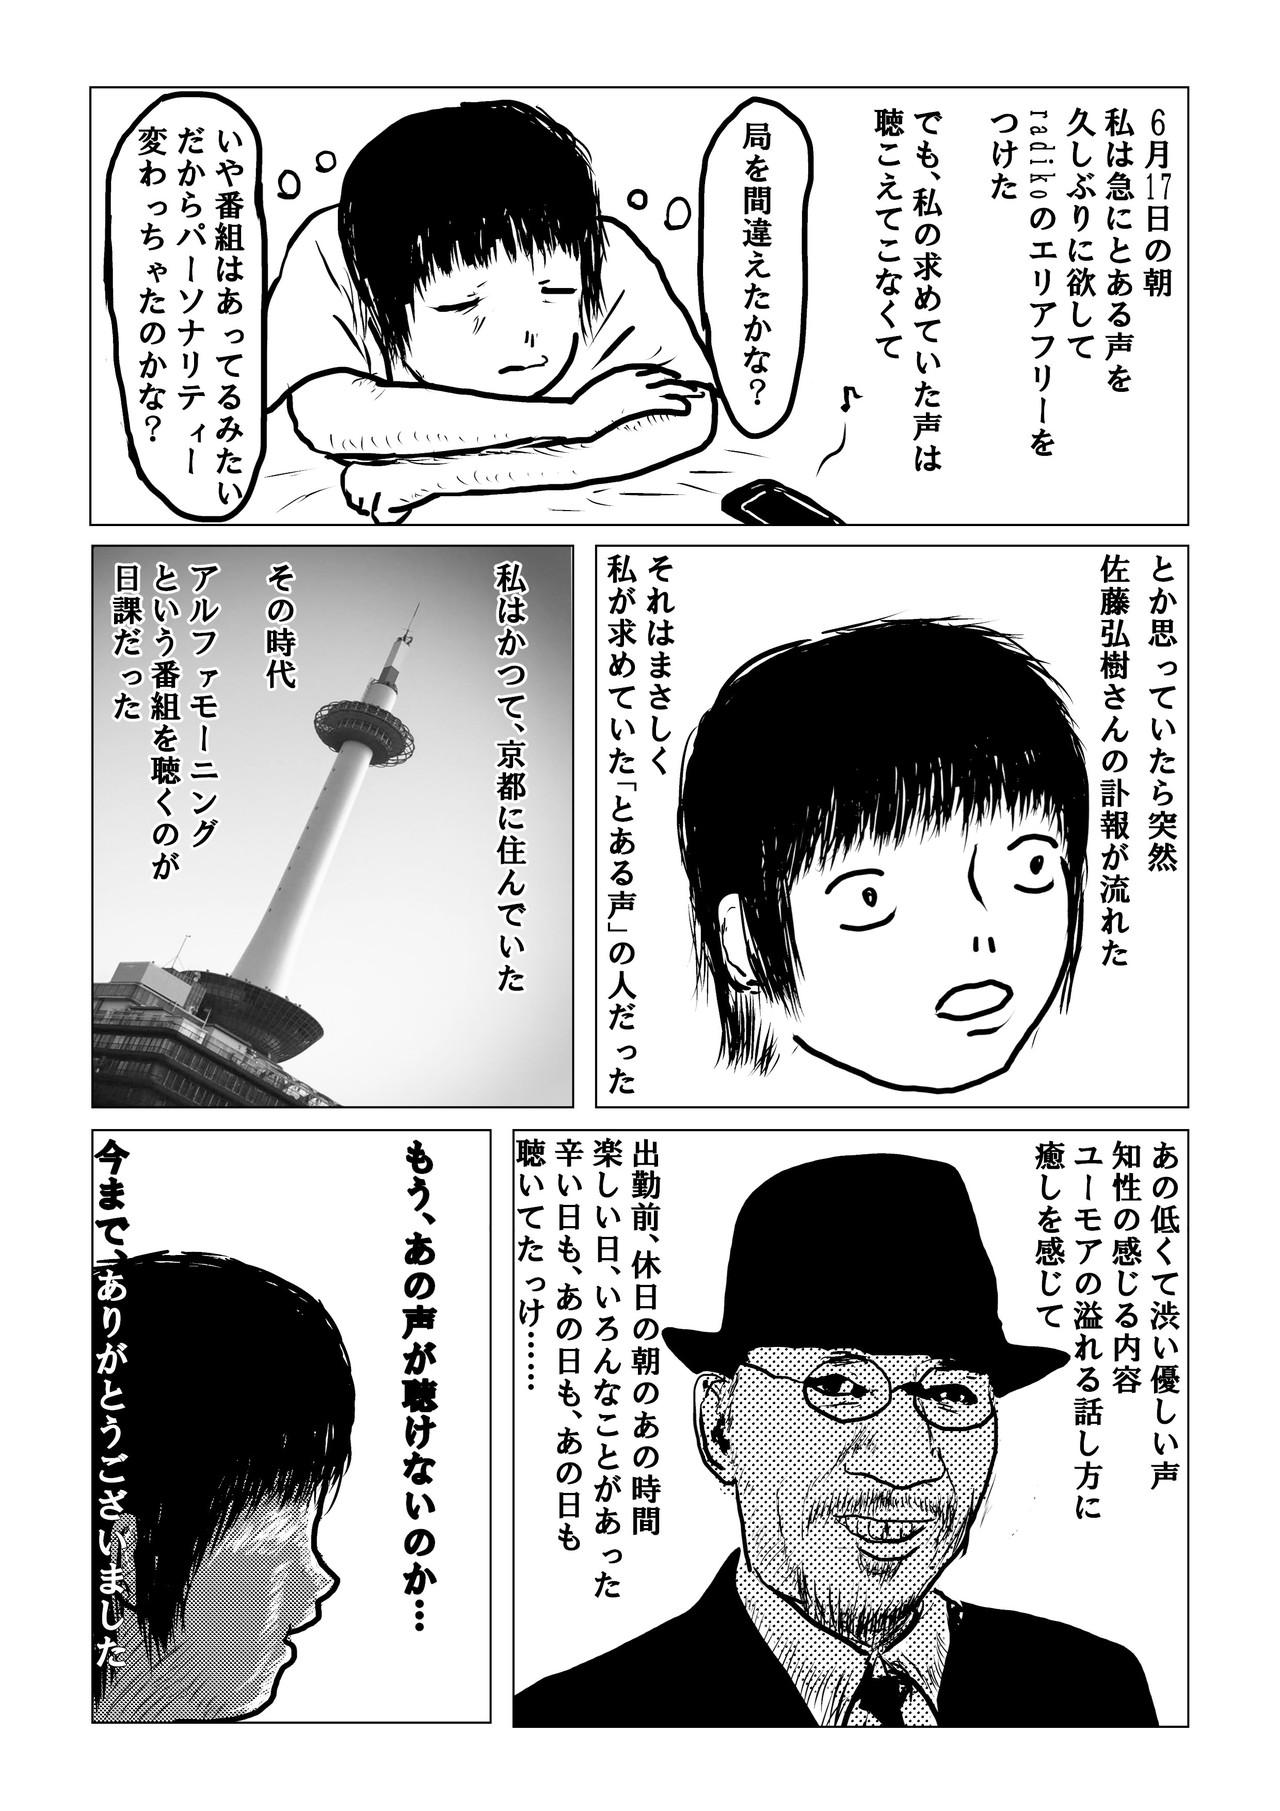 ラジオ_01_5mb